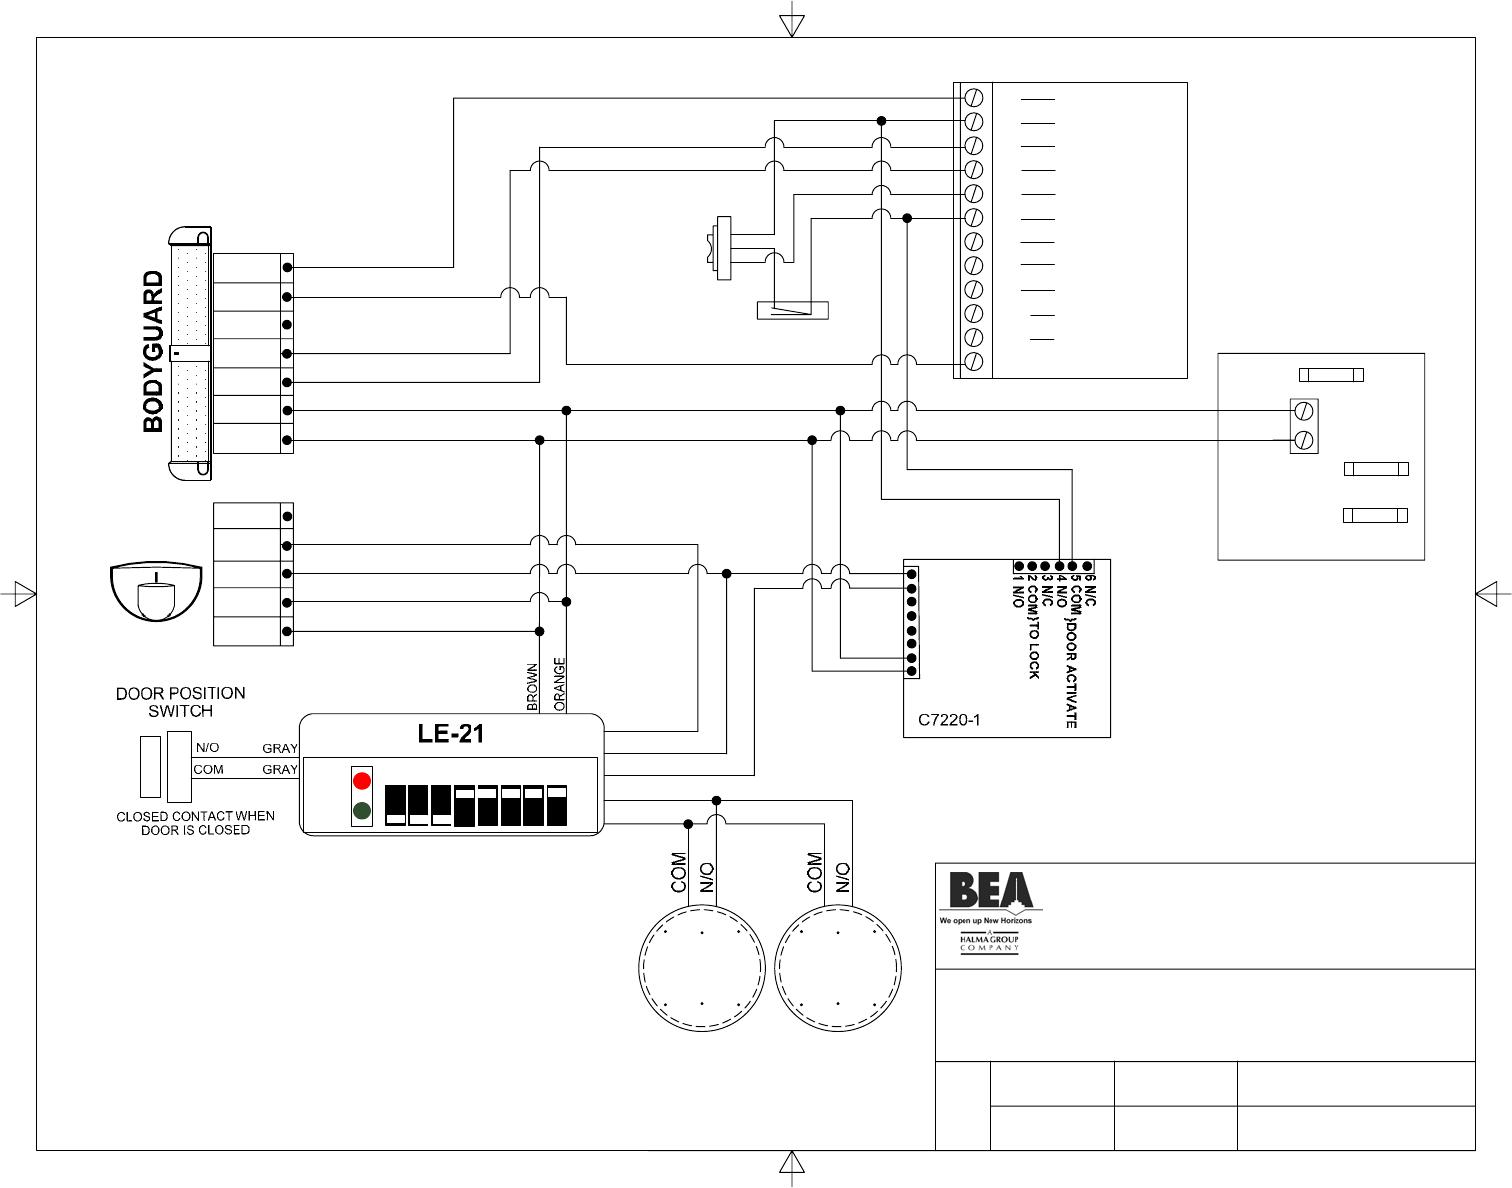 Horton 4160 Wiring Diagram Manual Of Bea Diagrams 80 0091 02 C2150 Title C4190 Control With C7220 Le 21 Rh Manualsdump Com C4160